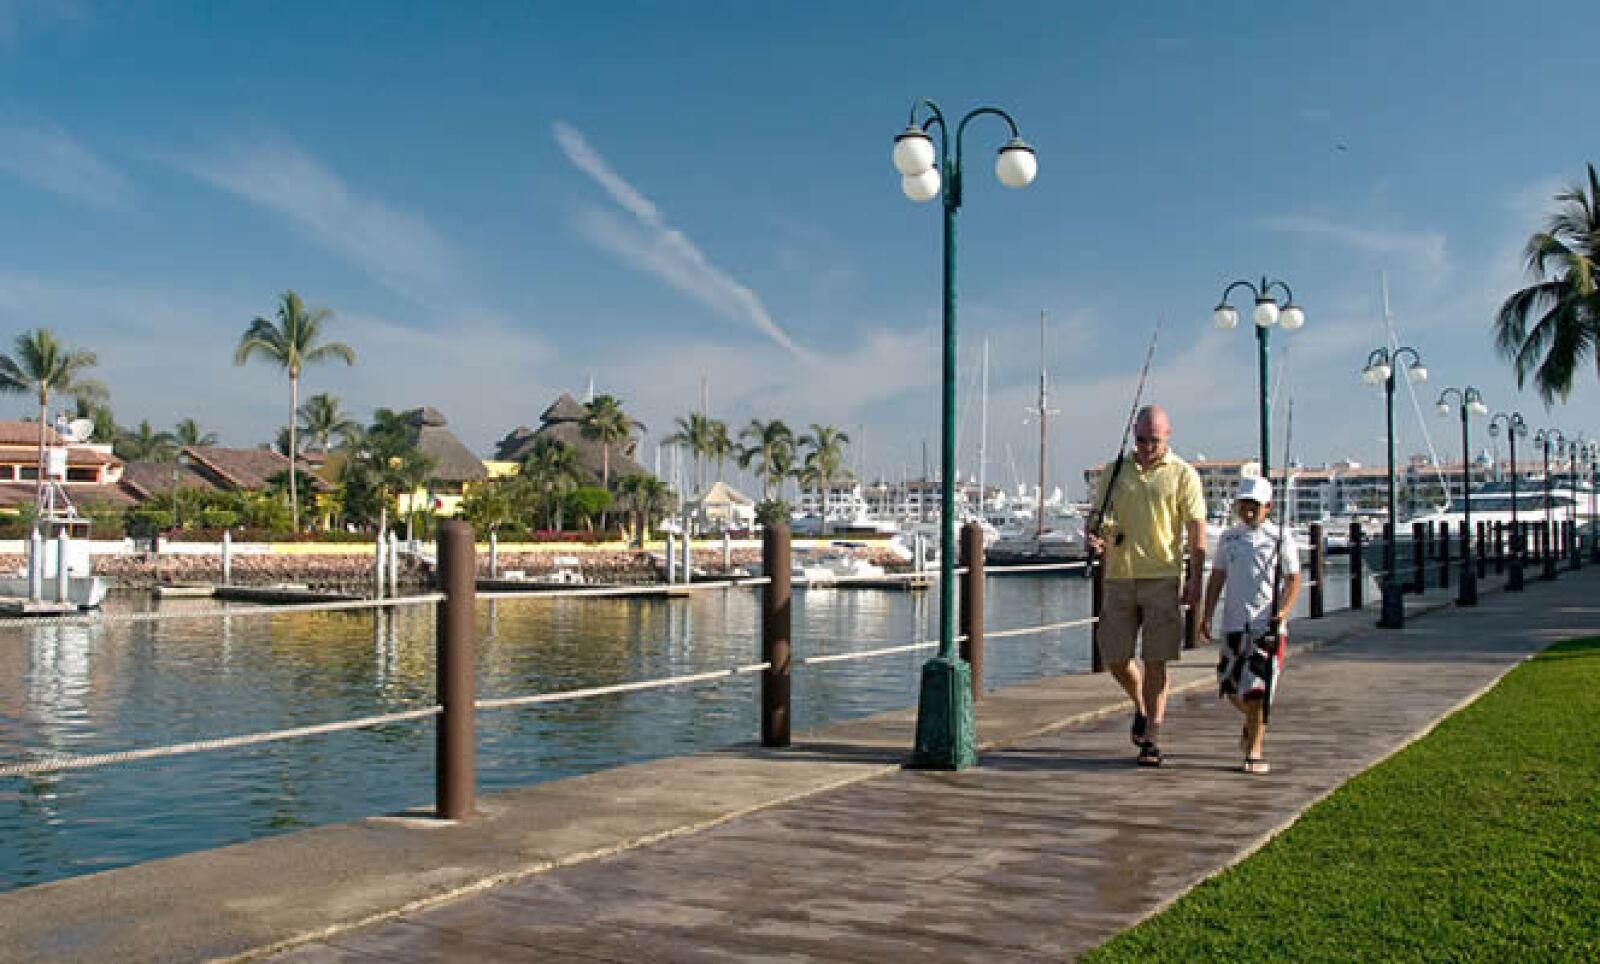 En Vallarta puedes disfrutar de una gran variedad de actividades acompañado de tu familia.